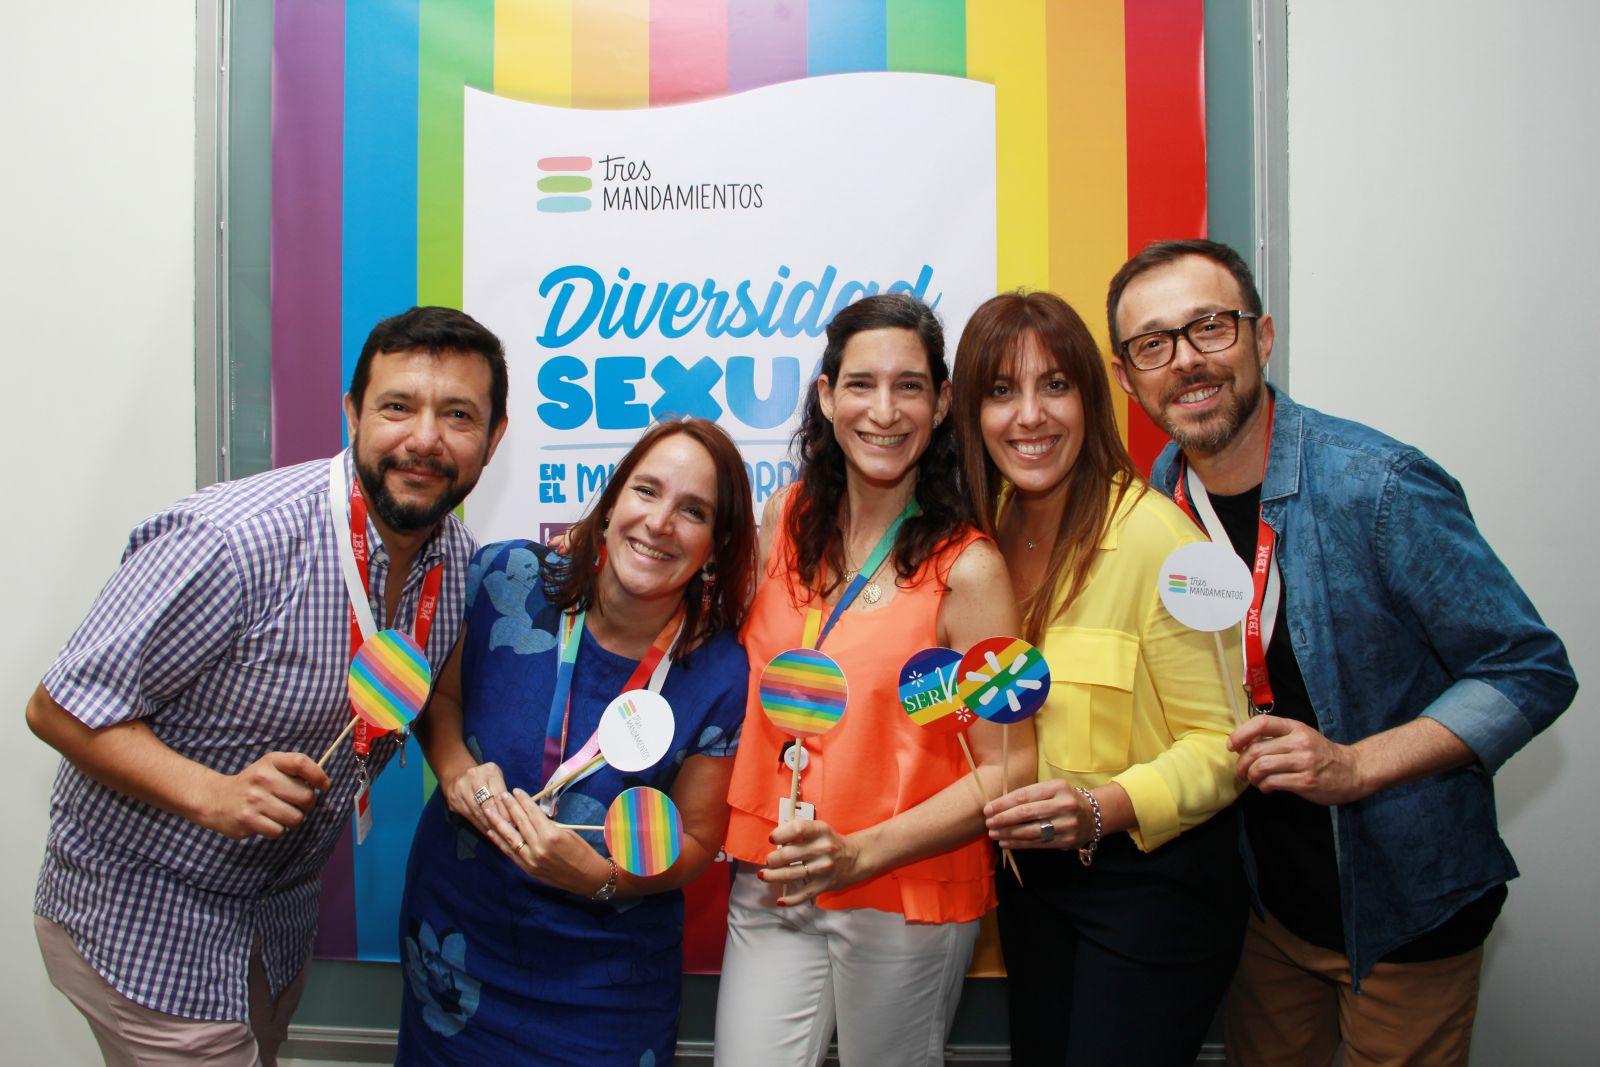 Arturo Mercado, Estefanía Giganti, Delfina Daglio, Natalia Kingsland, Eduardo Otero